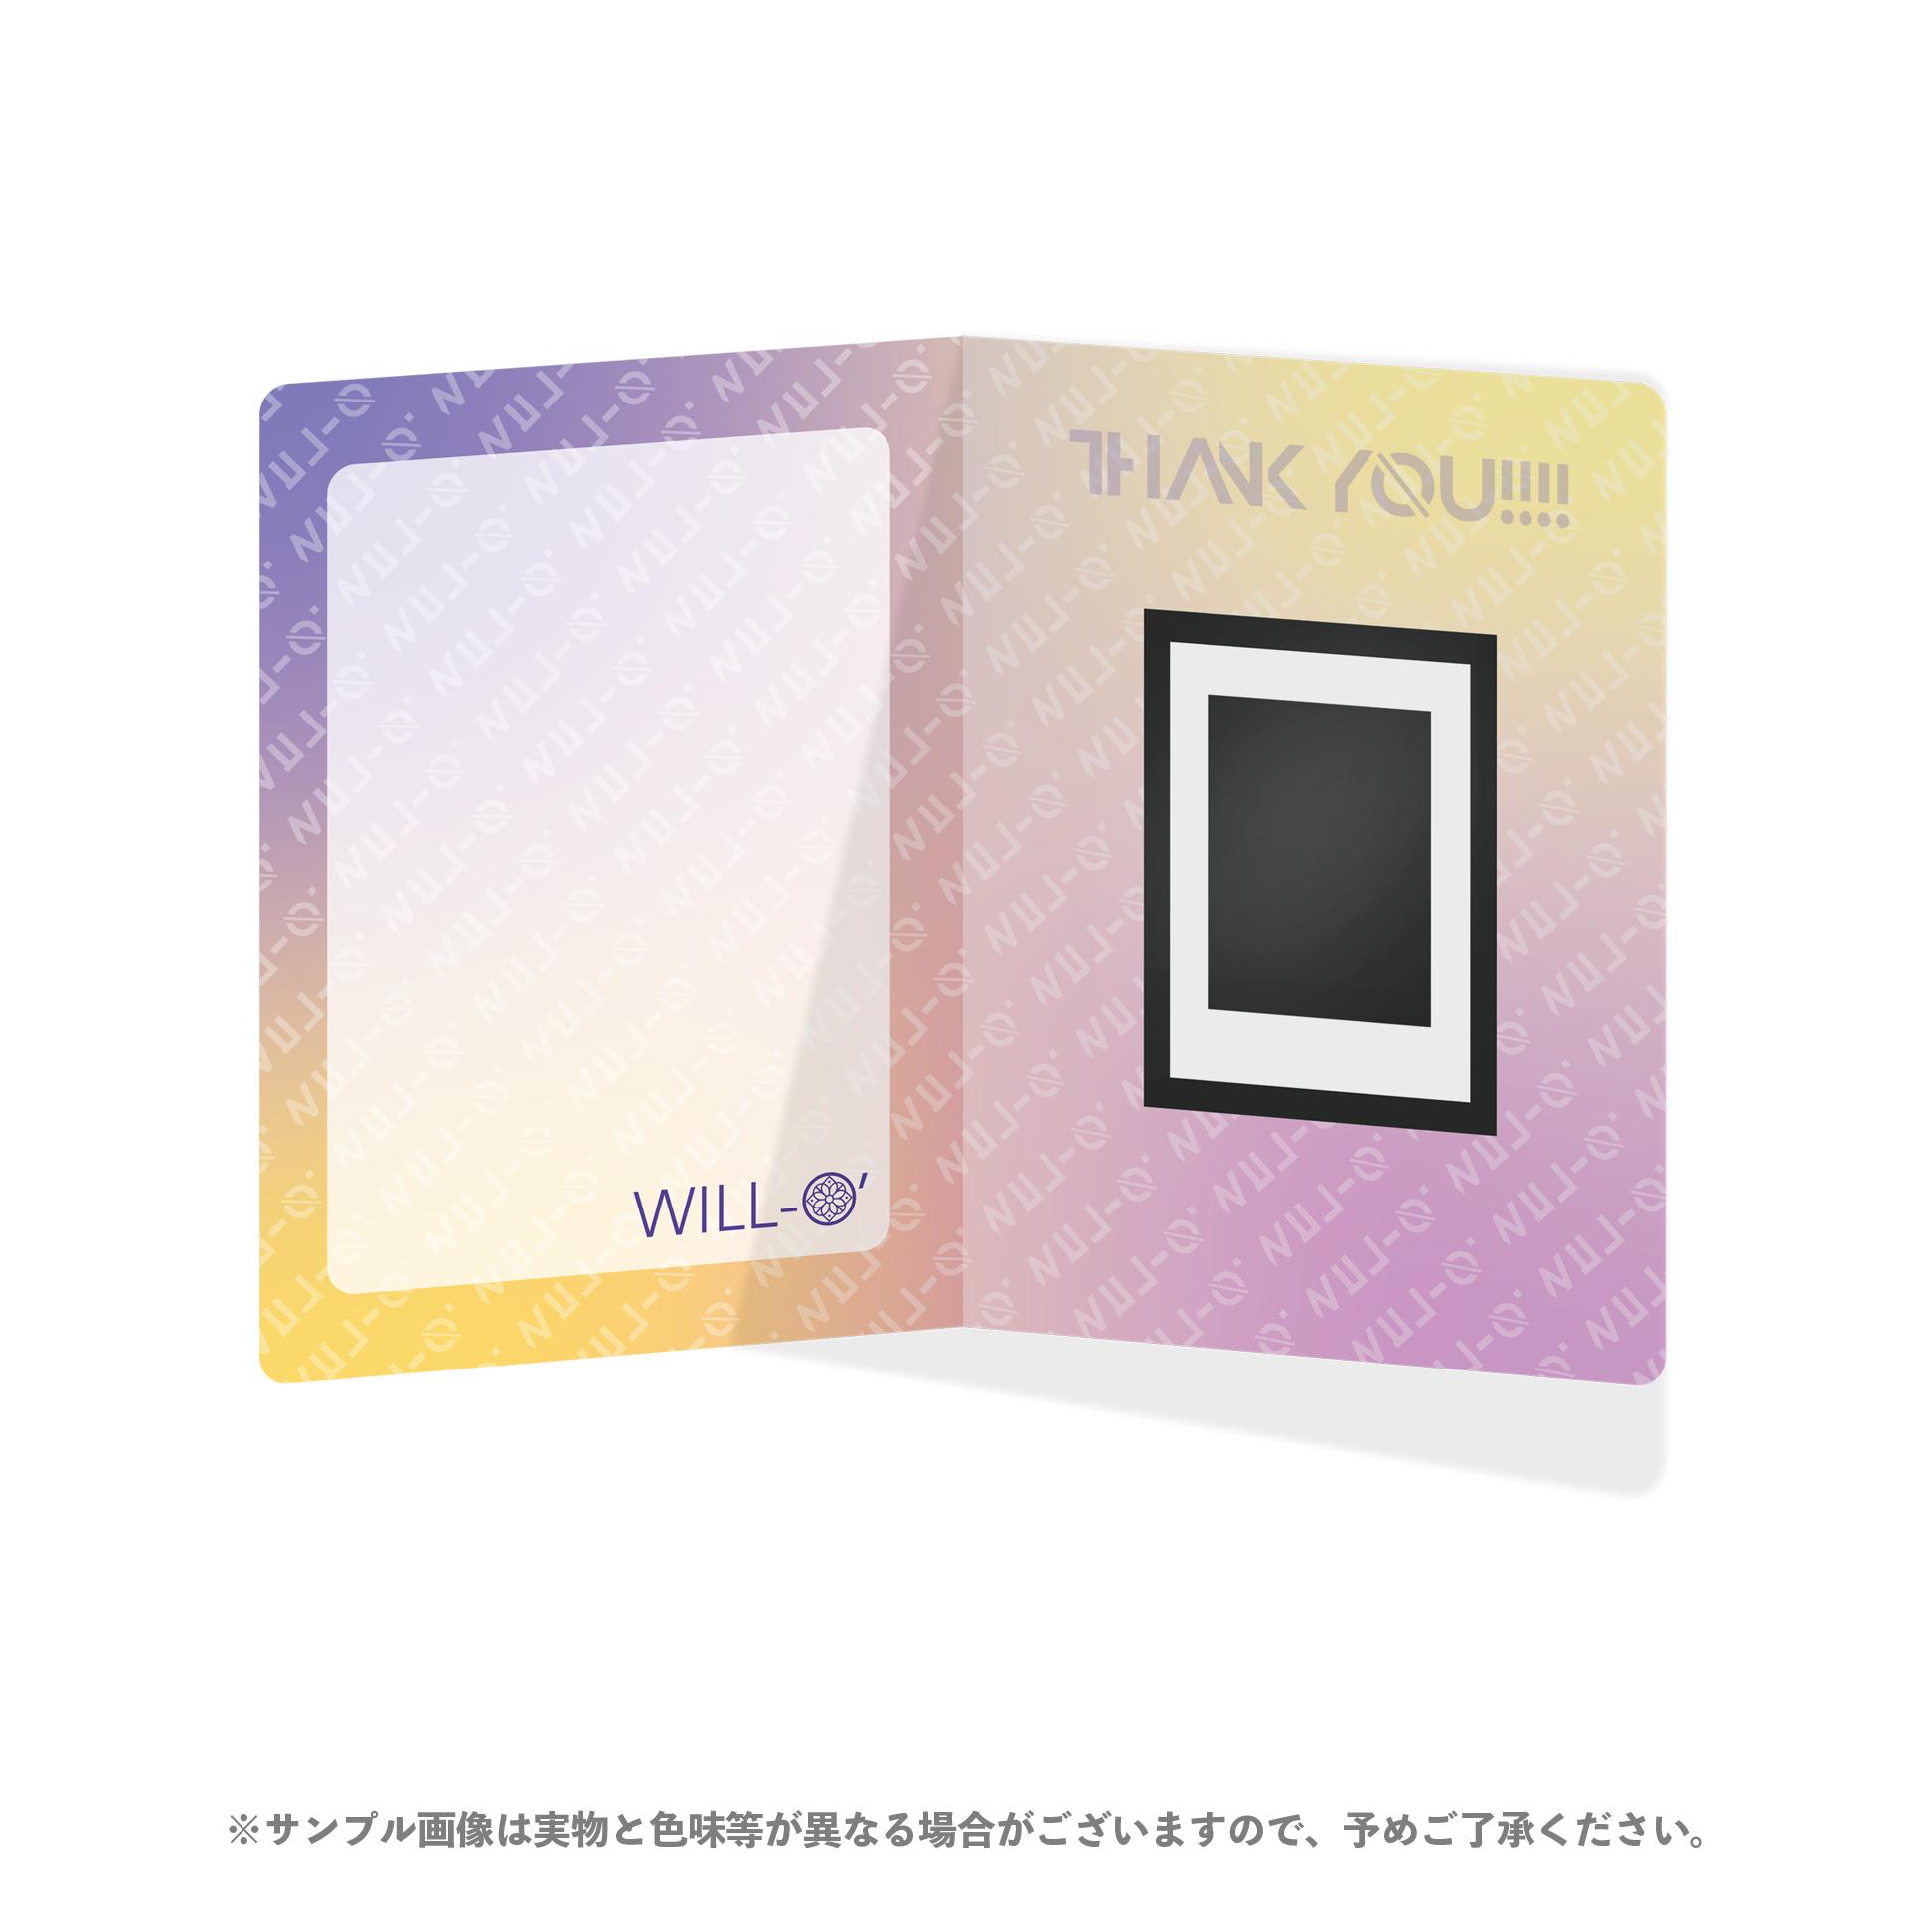 【桐乃みゆ】FC限定/特製カードボードつきソロチェキ(ハロウィン)